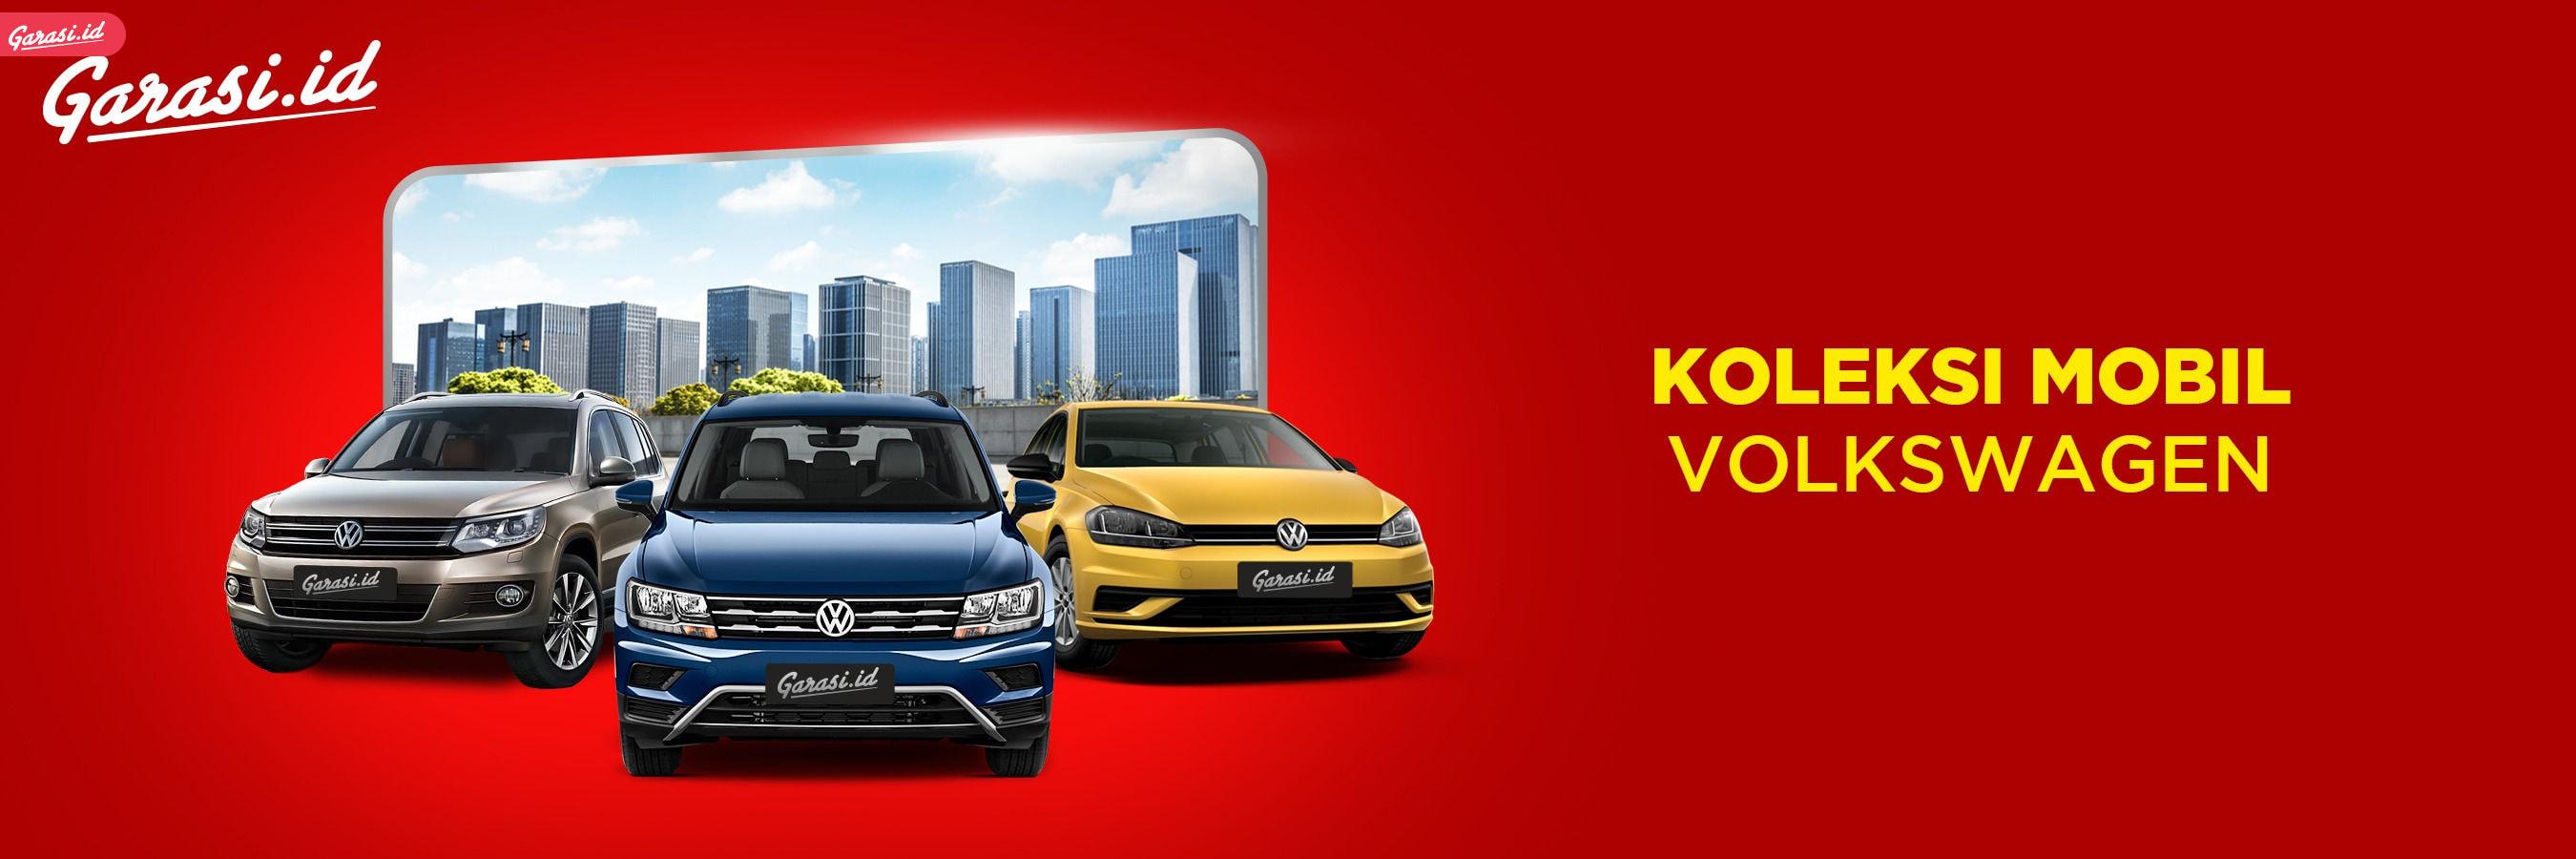 VW Indonesia